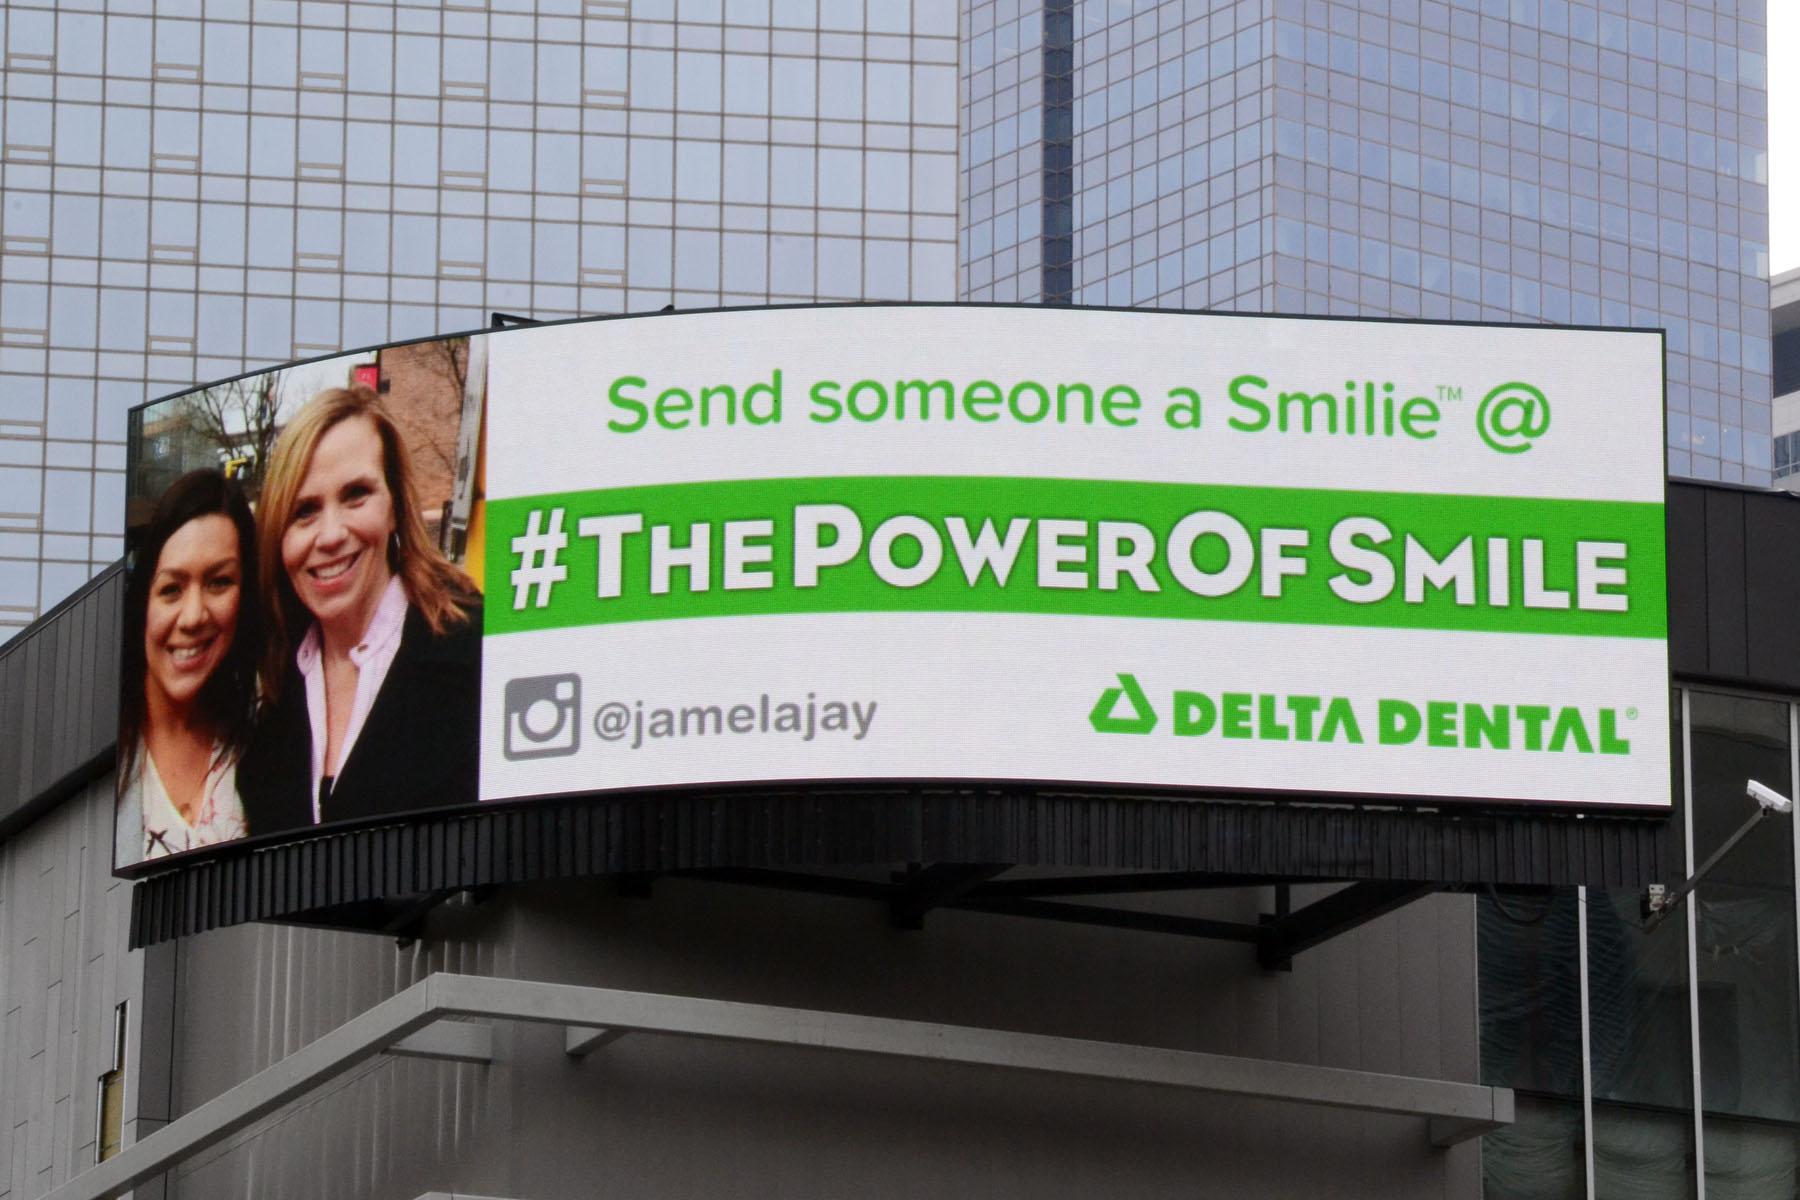 delta dental 3